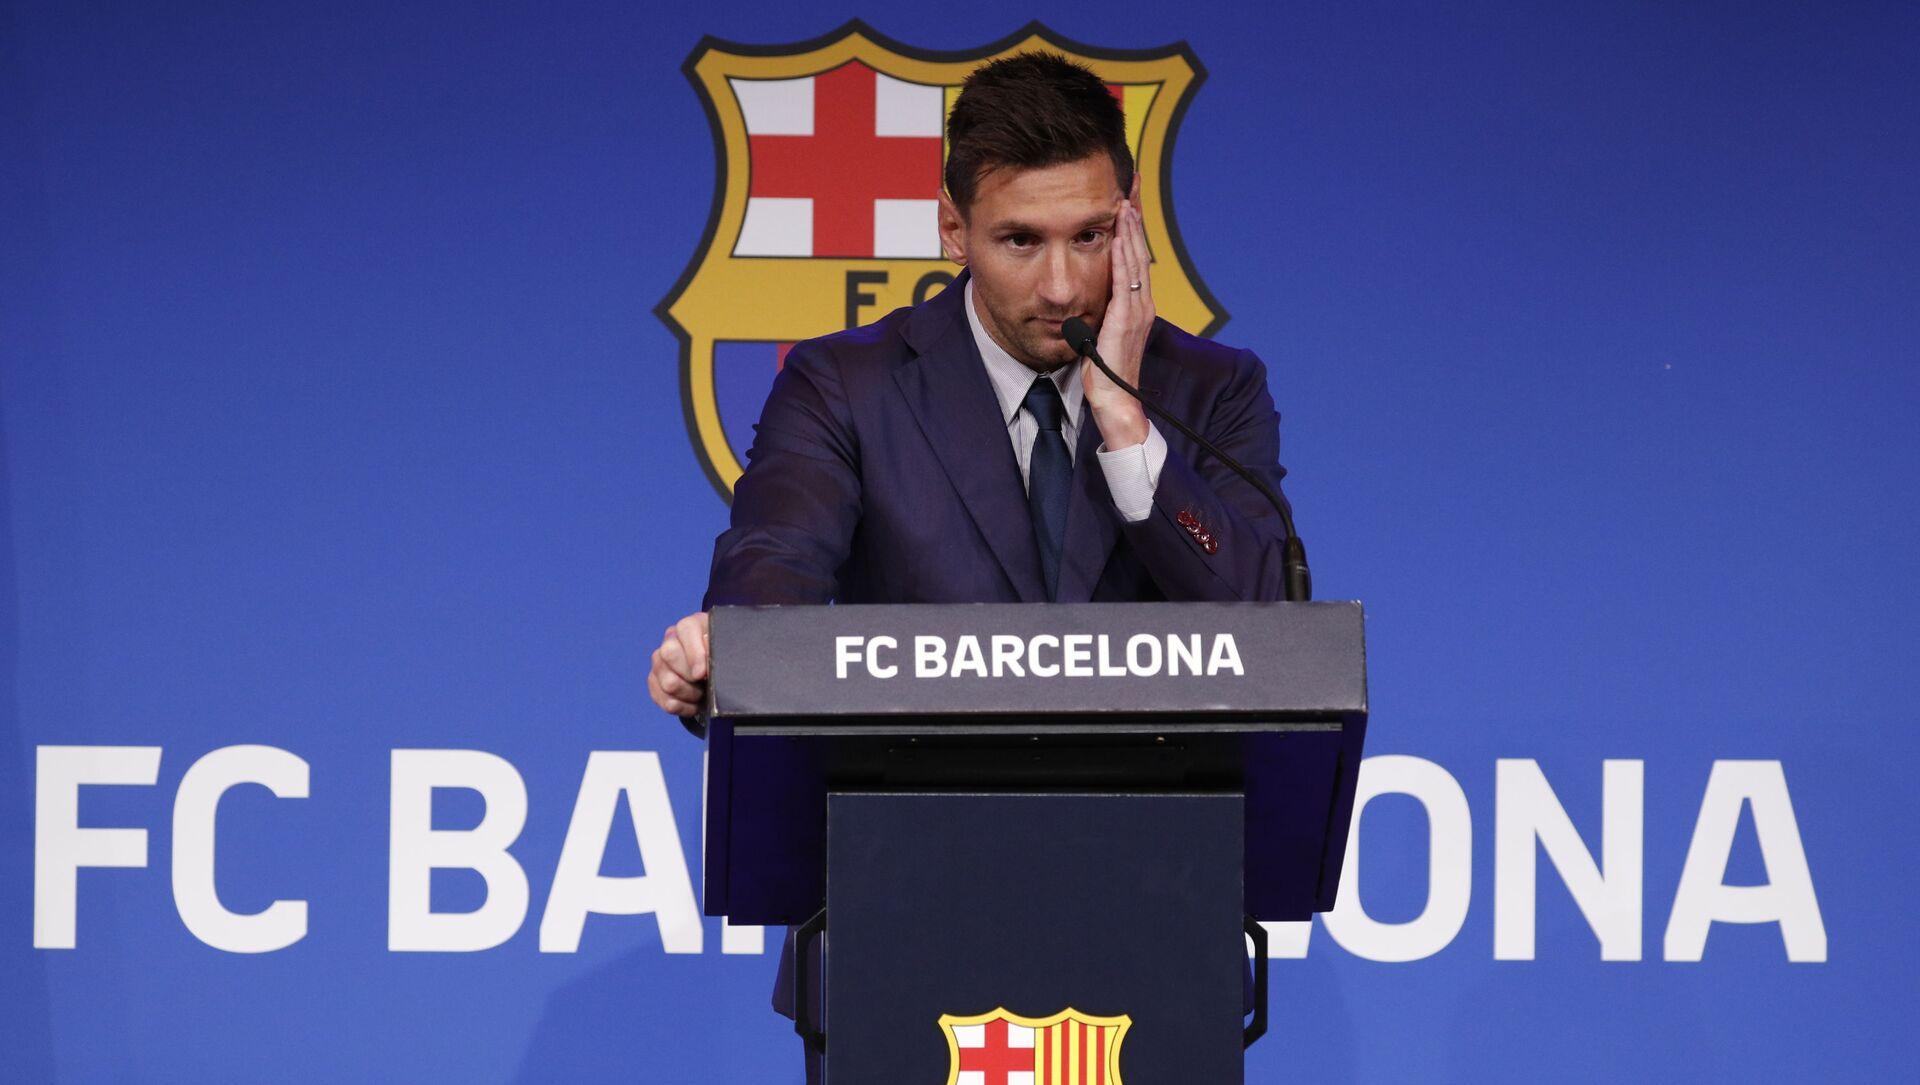 Cầu thủ bóng đá Lionel Messi trong cuộc họp báo ở Barcelona  - Sputnik Việt Nam, 1920, 08.08.2021